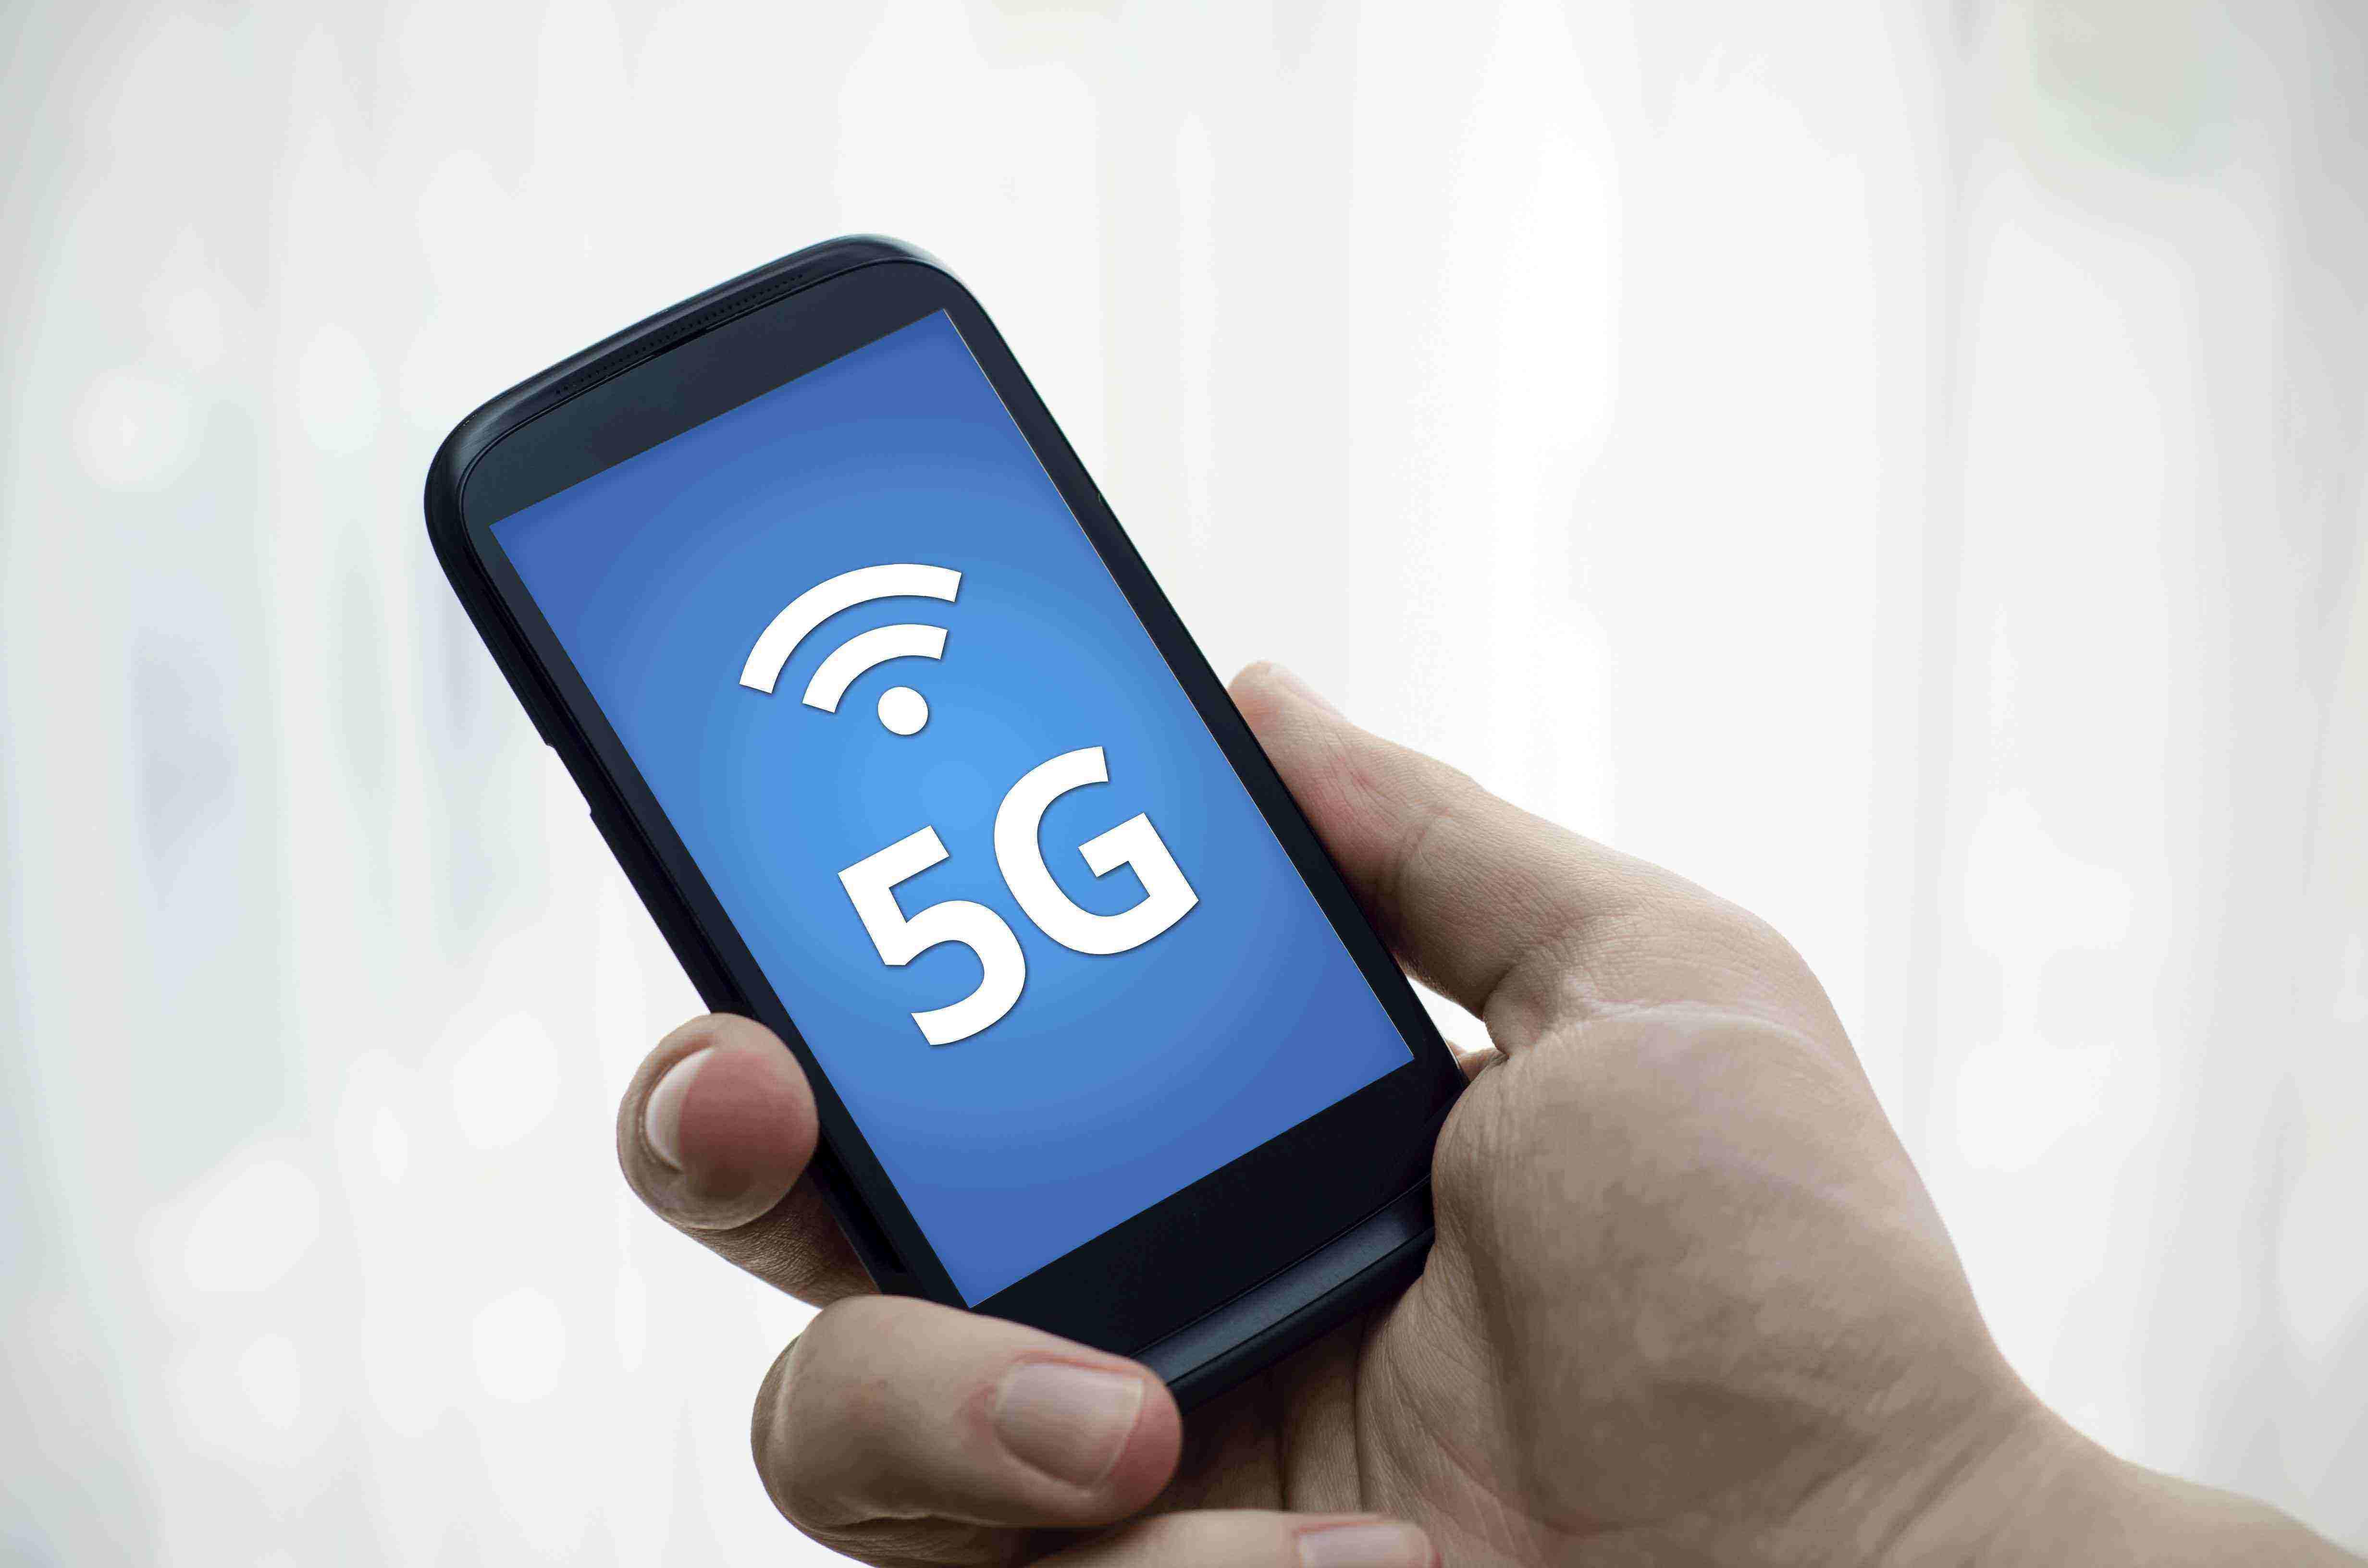 现在是否可以买5G手机?别争了!这才是问题关键!